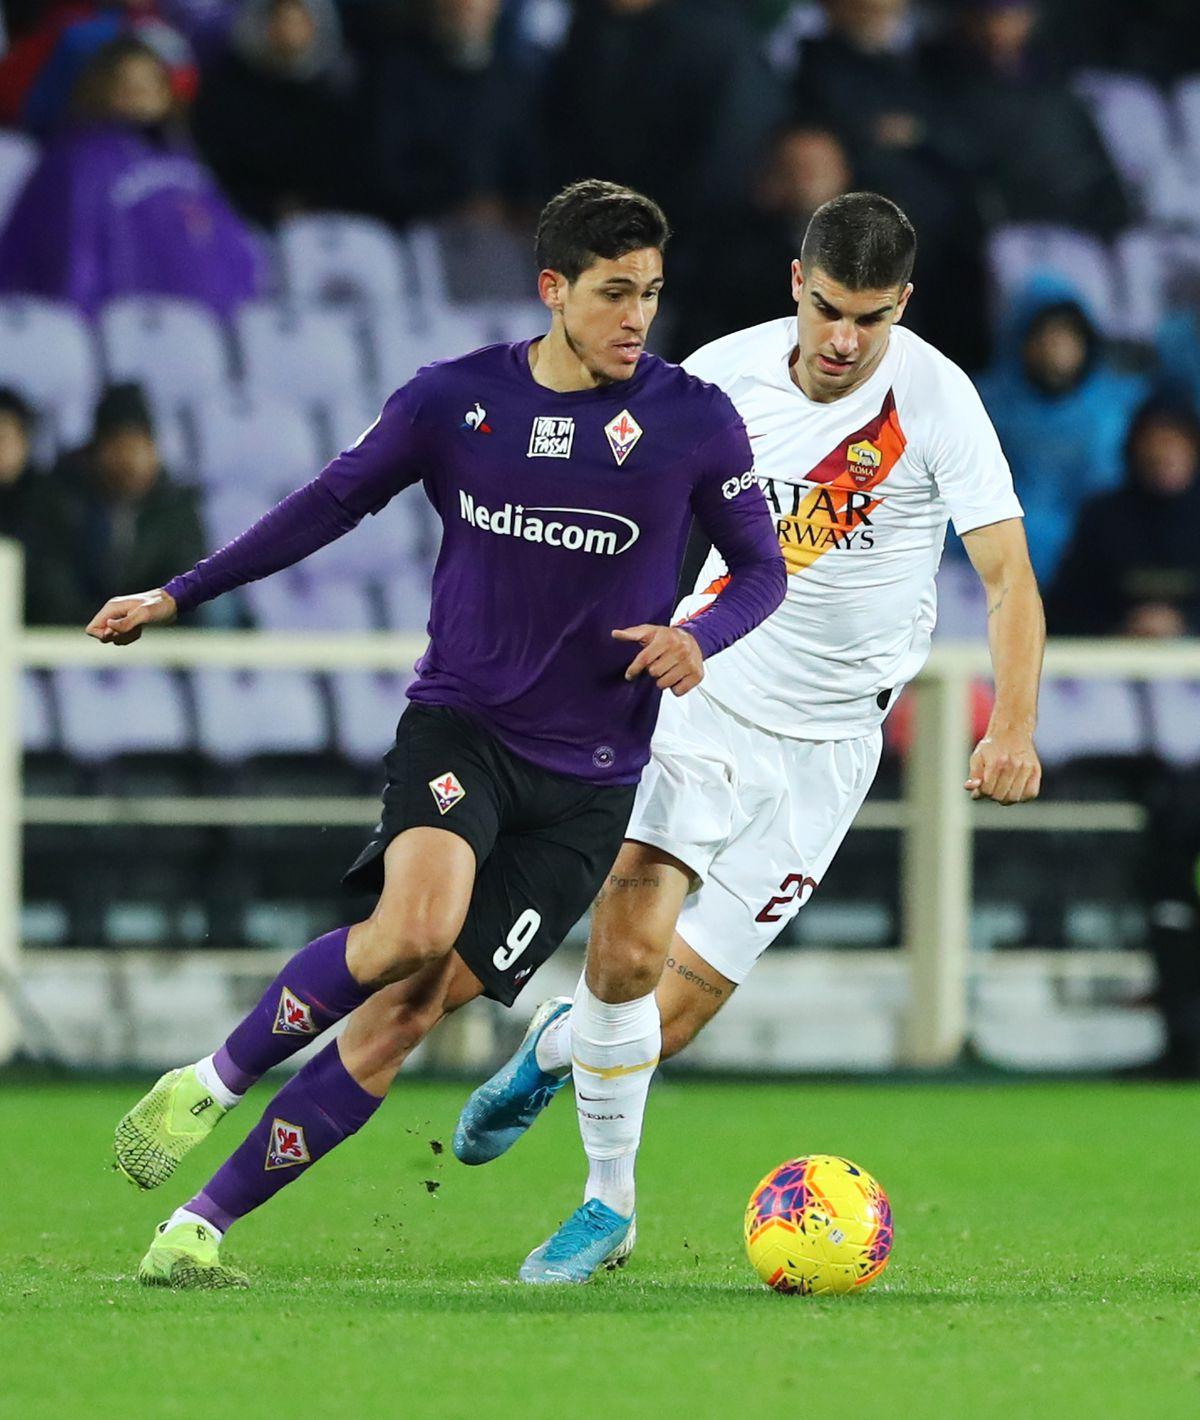 Ac Fiorentina v AS Roma - Serie A